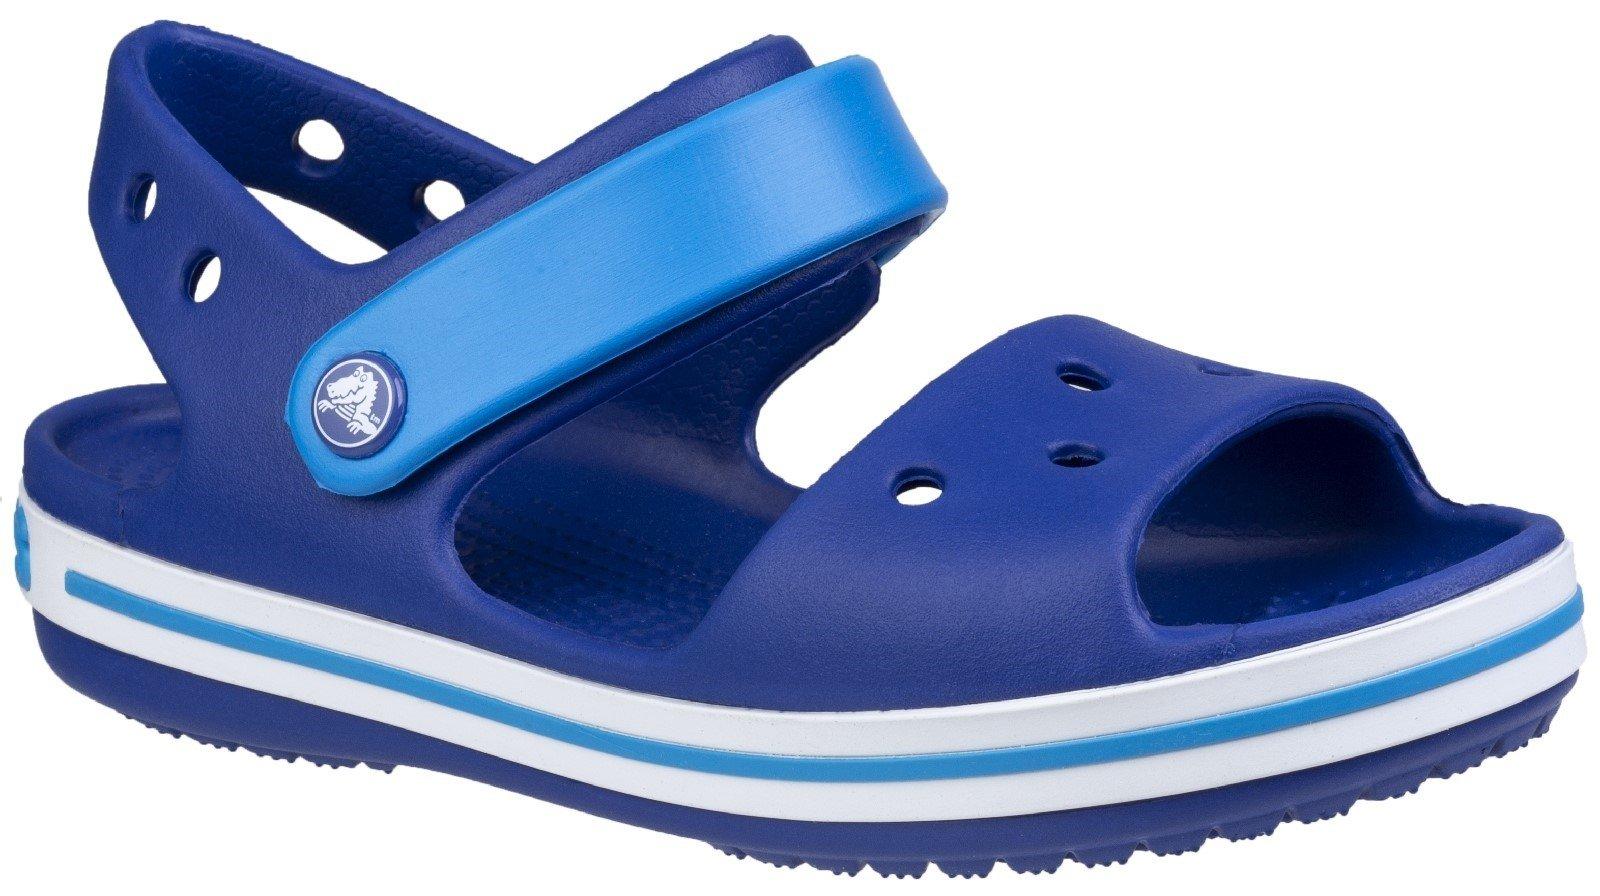 Crocs Kid's Sandal Various Colours 21077 - Dark Blue/Light Blue/White 10